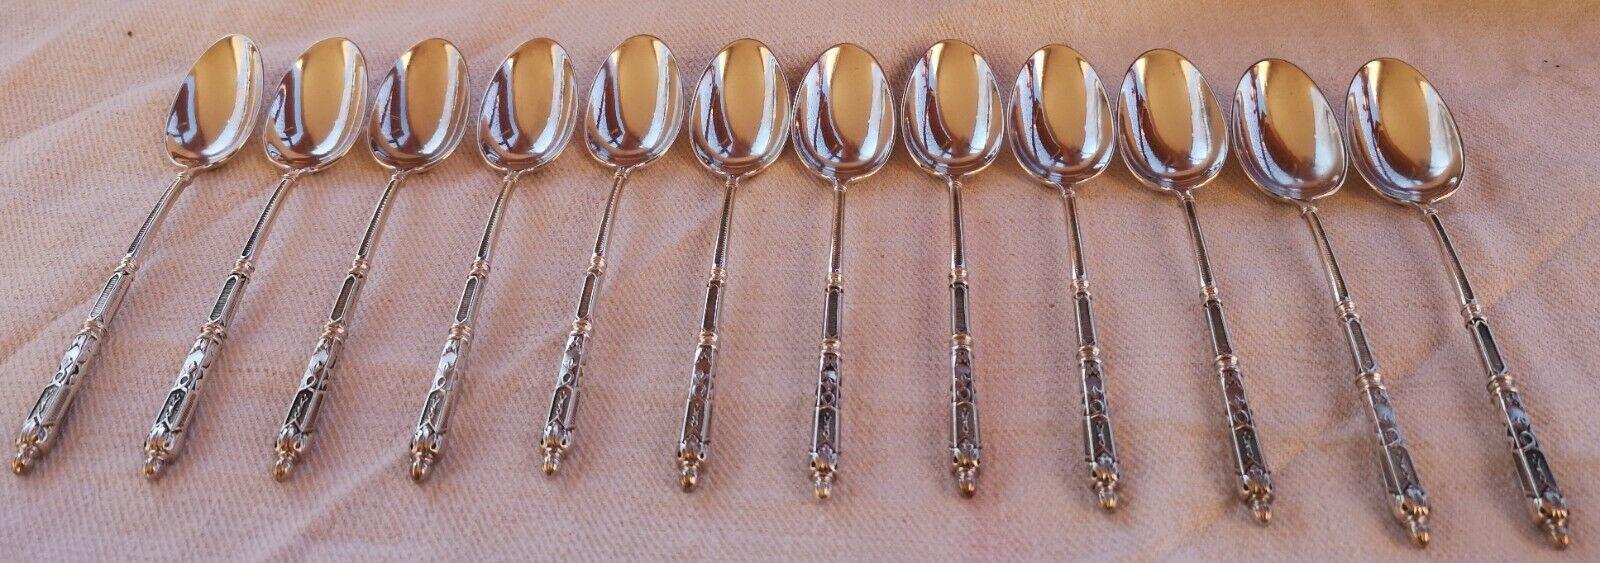 12 cuillers à café dessert en métal argenté manches  à la russe   Orf.S.F.A.M